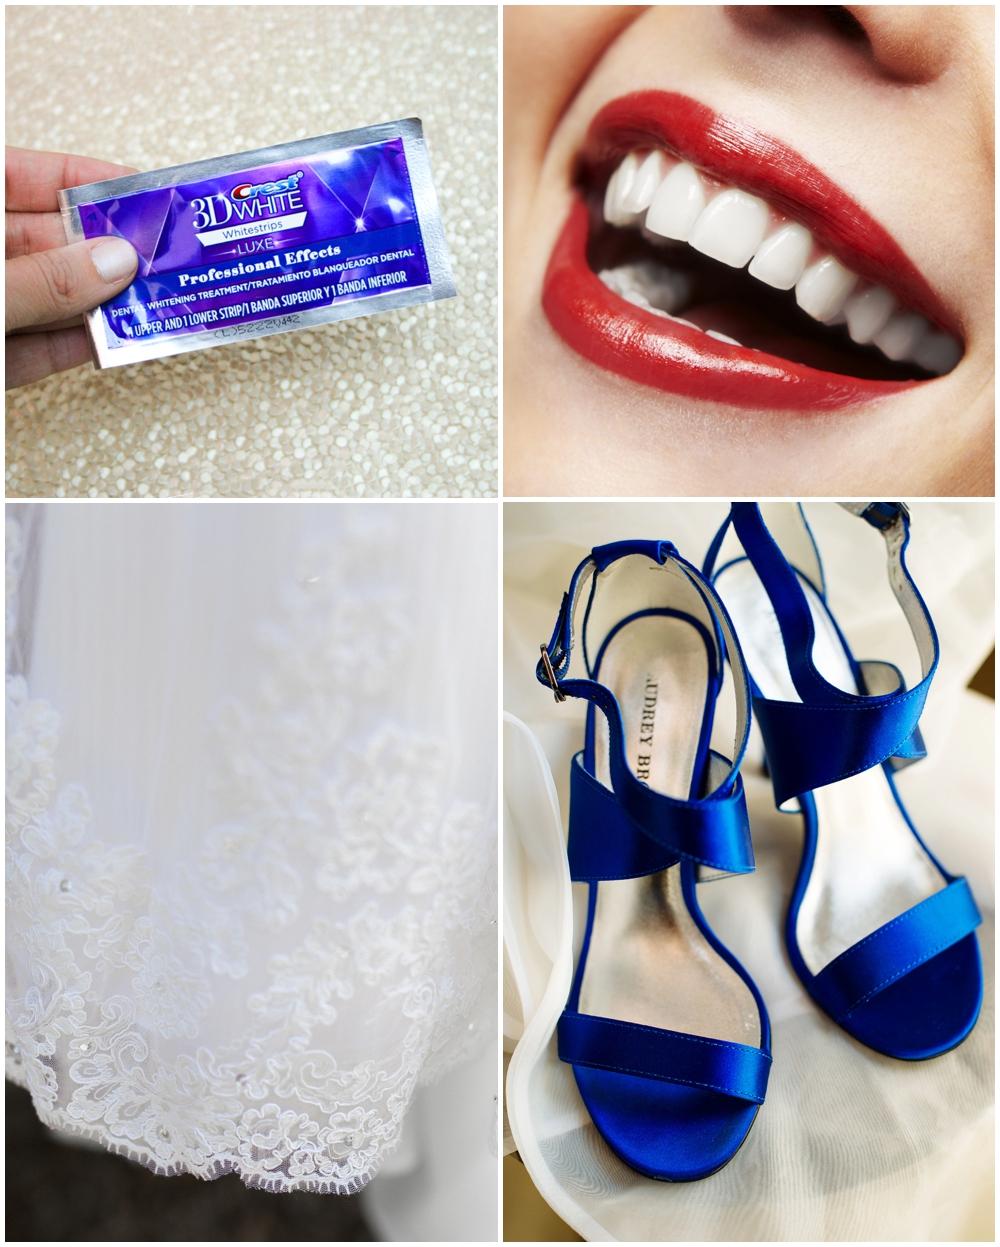 CREST 3D WHITE WHITESTRIPS FOR WEDDINGS